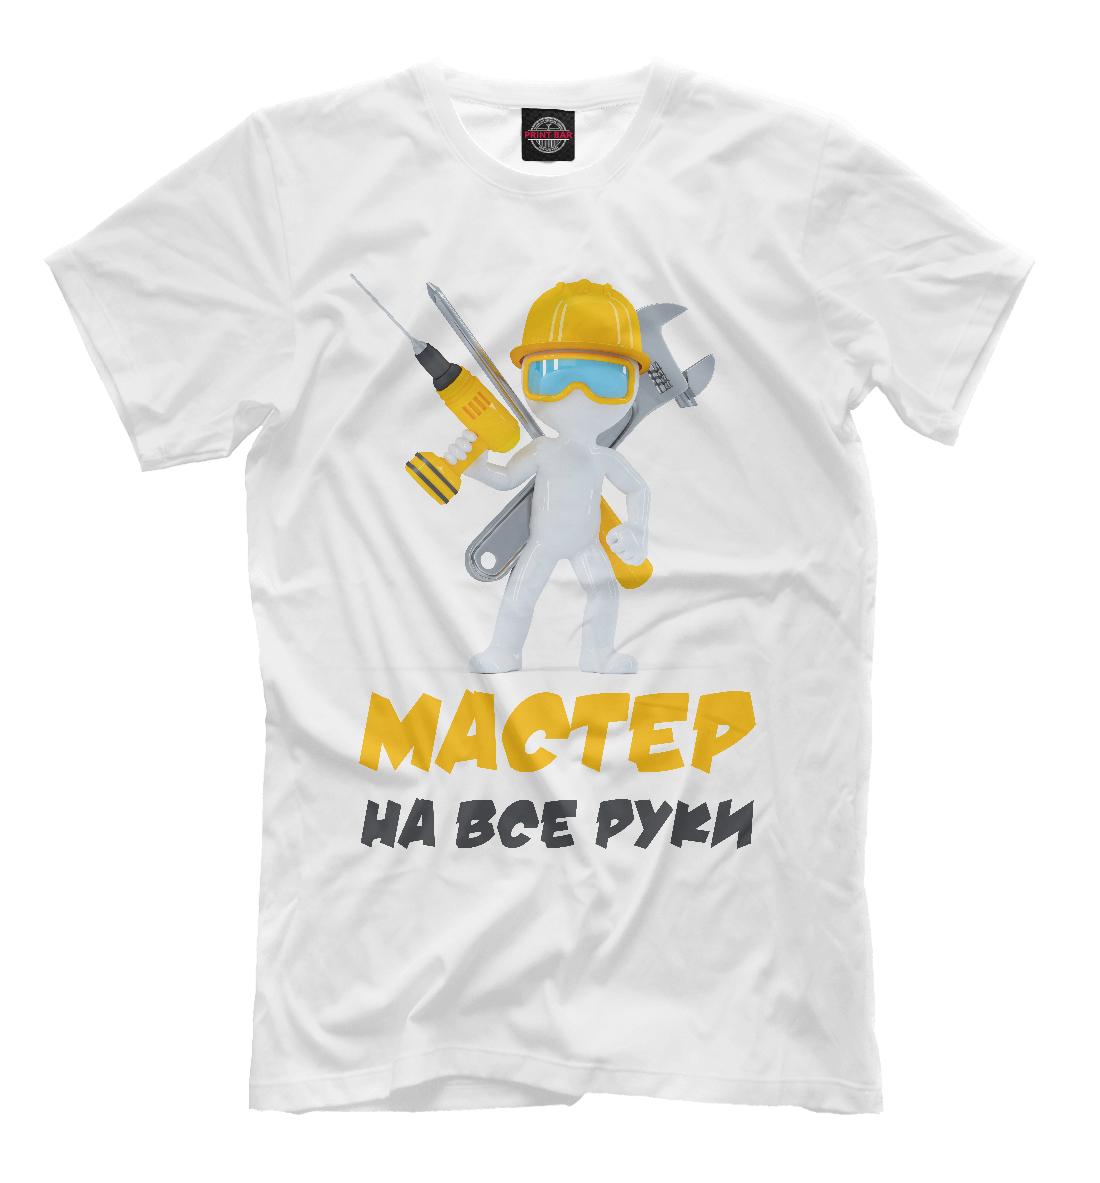 Купить Мастер, Printbar, Футболки, PRF-666554-fut-2